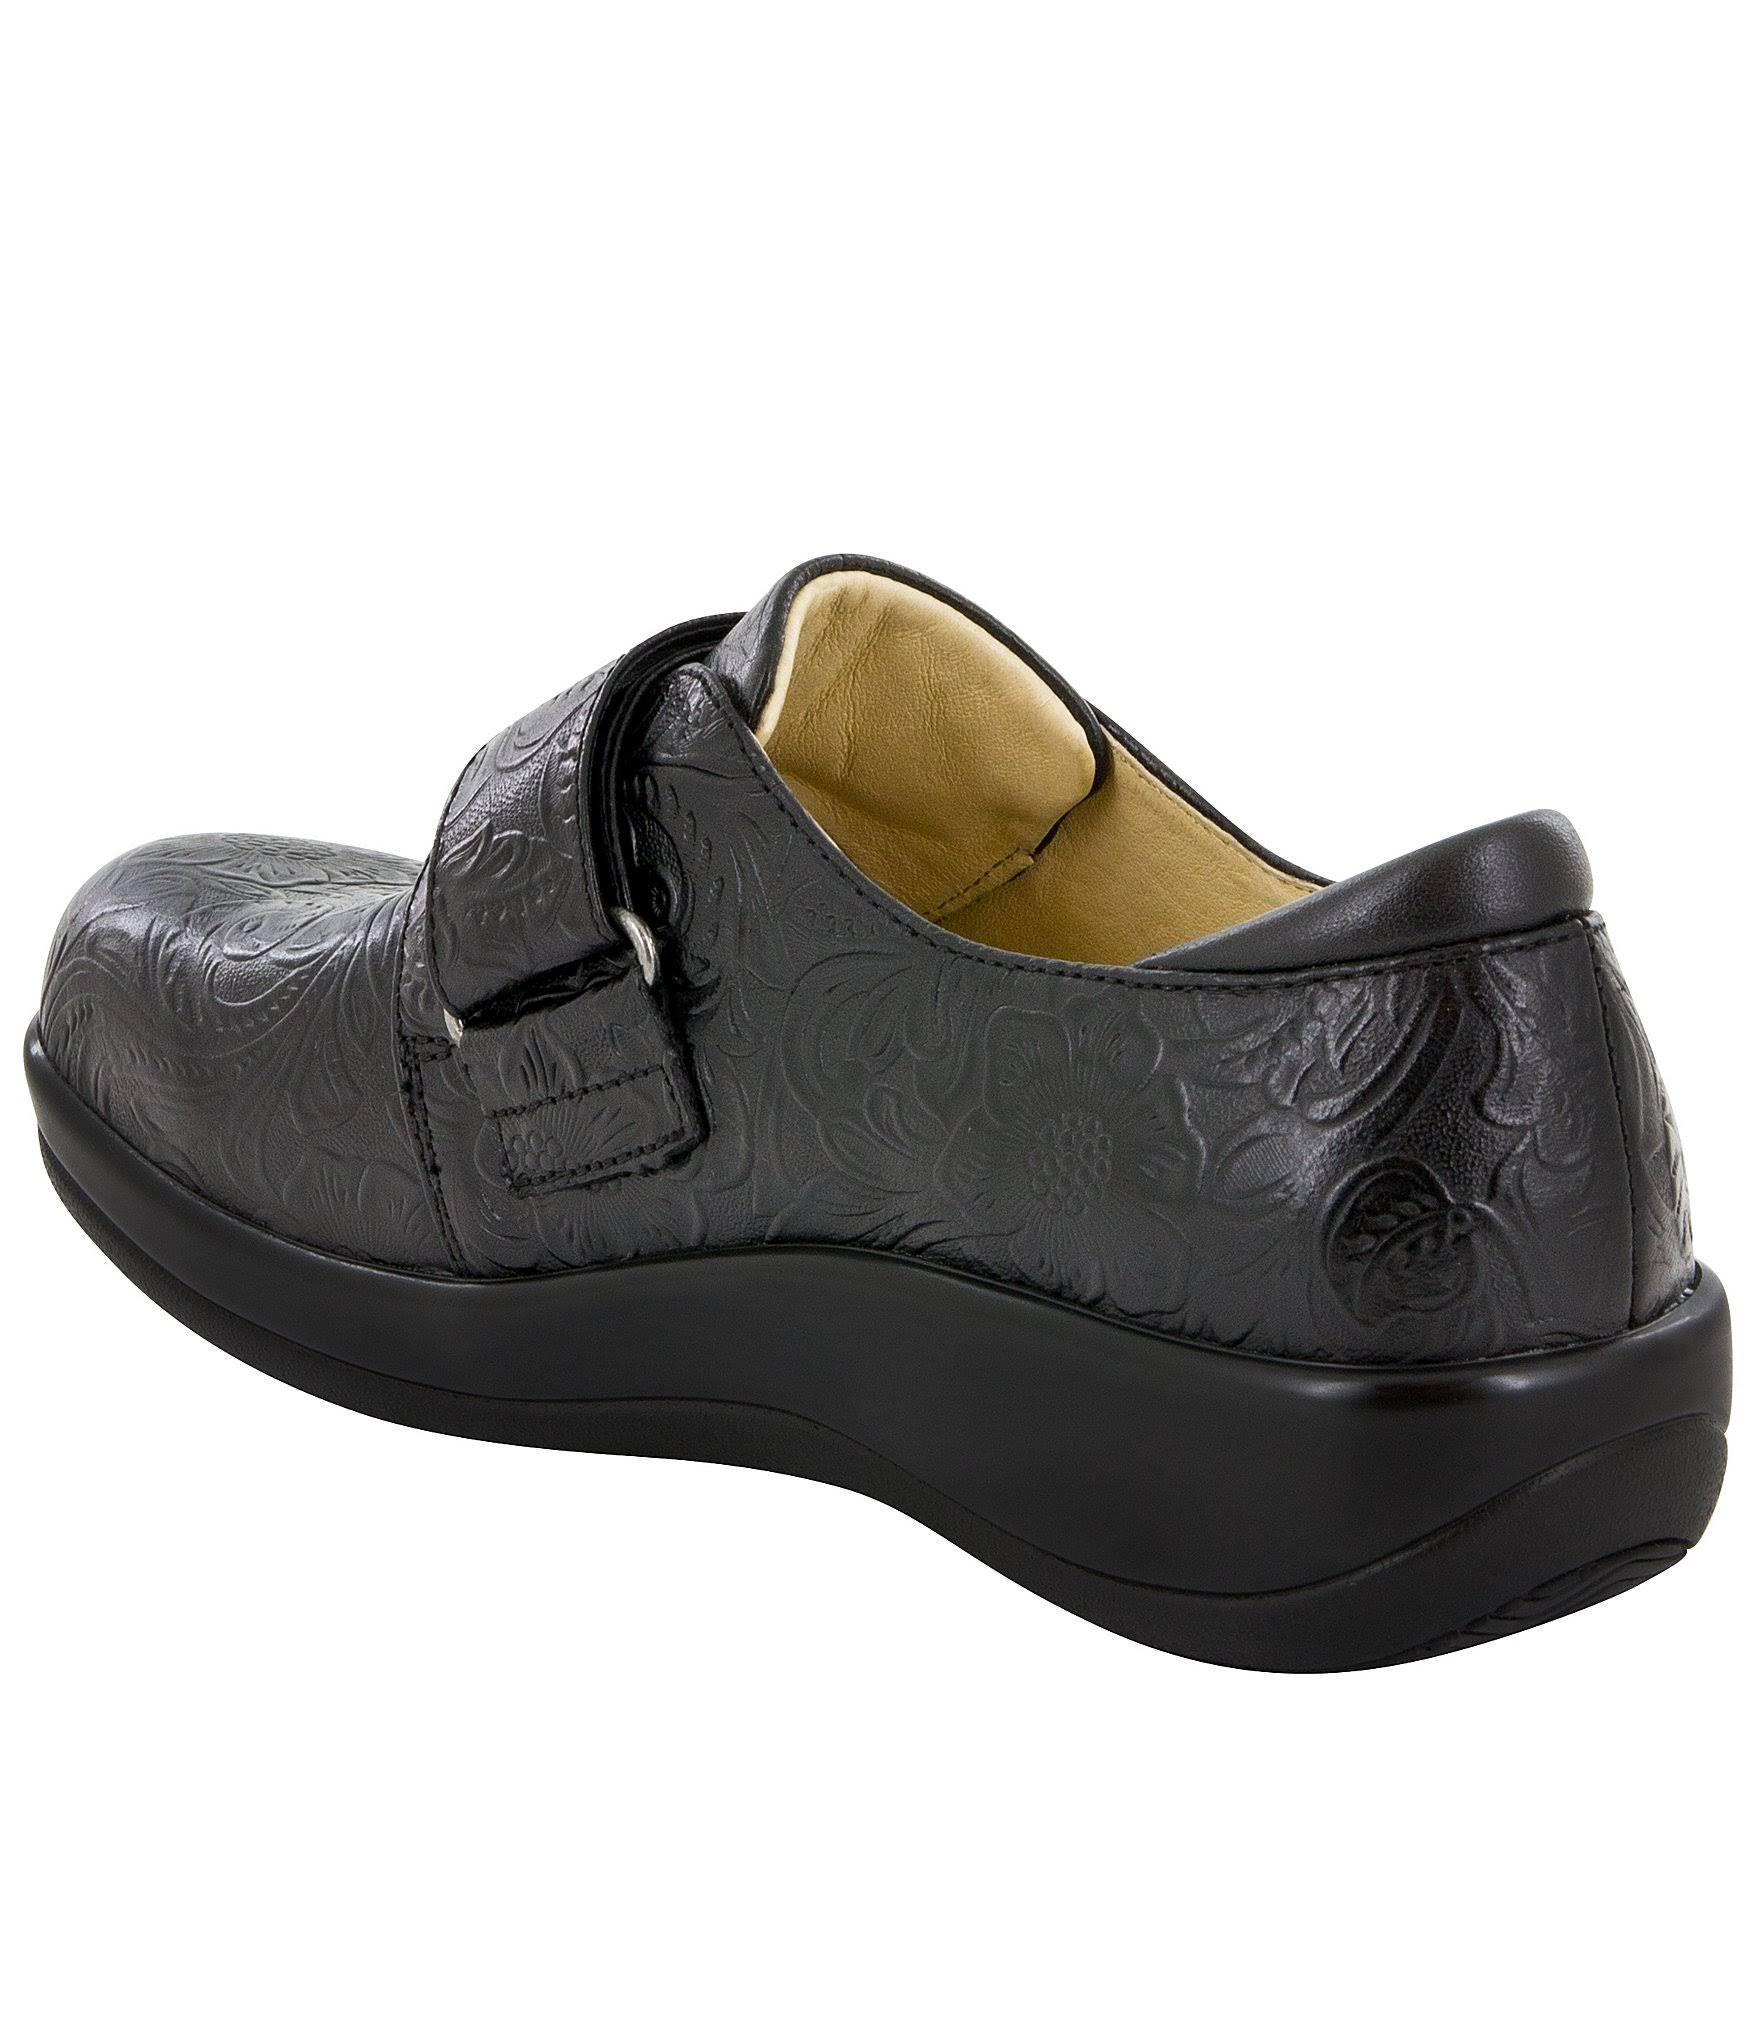 Alegria 39Nero Joleen Shoe Tar Tooled PN8kXwOn0Z